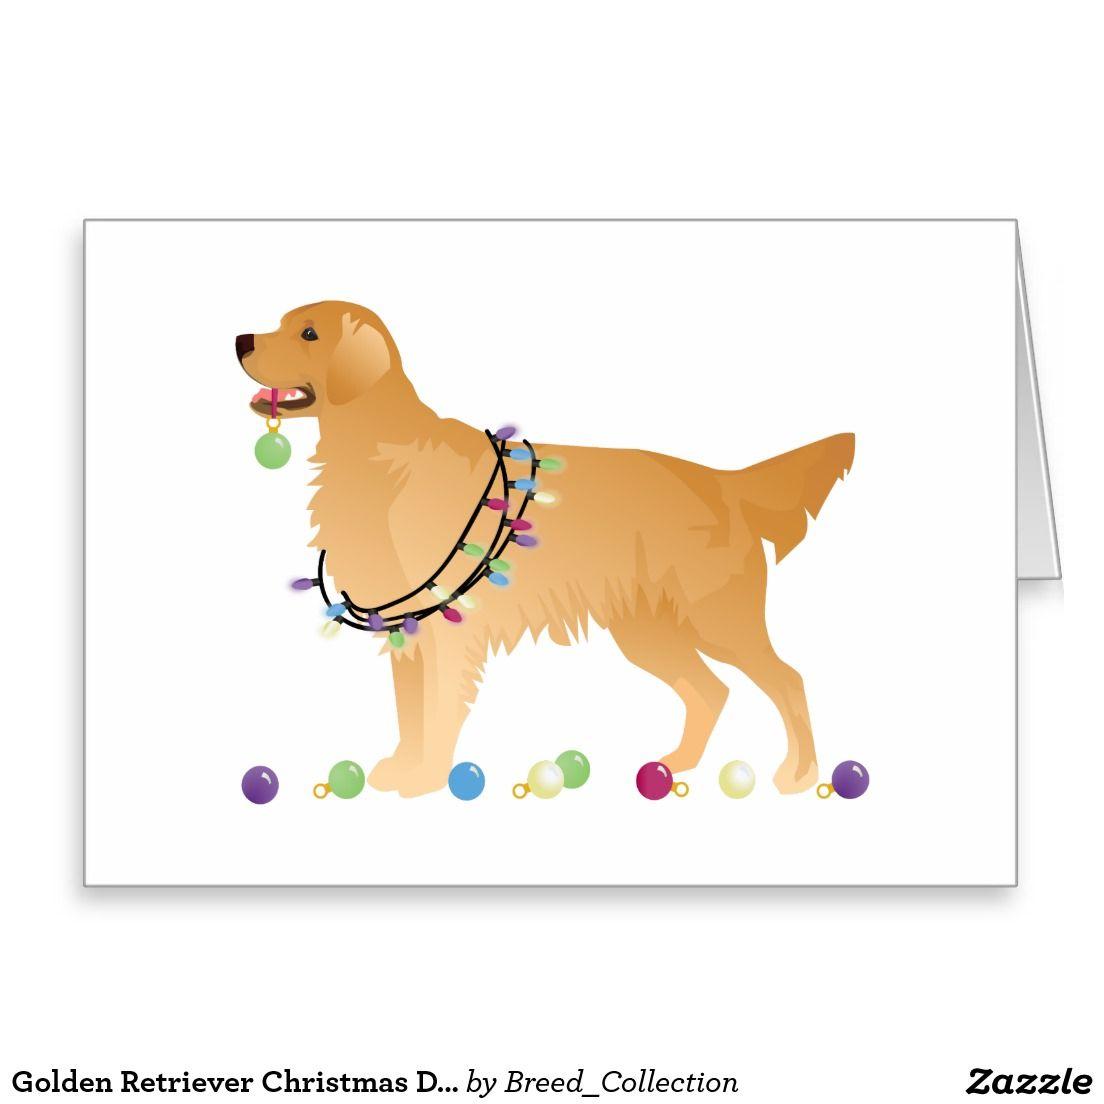 Golden Retriever Christmas Design Holiday Card Zazzle Com